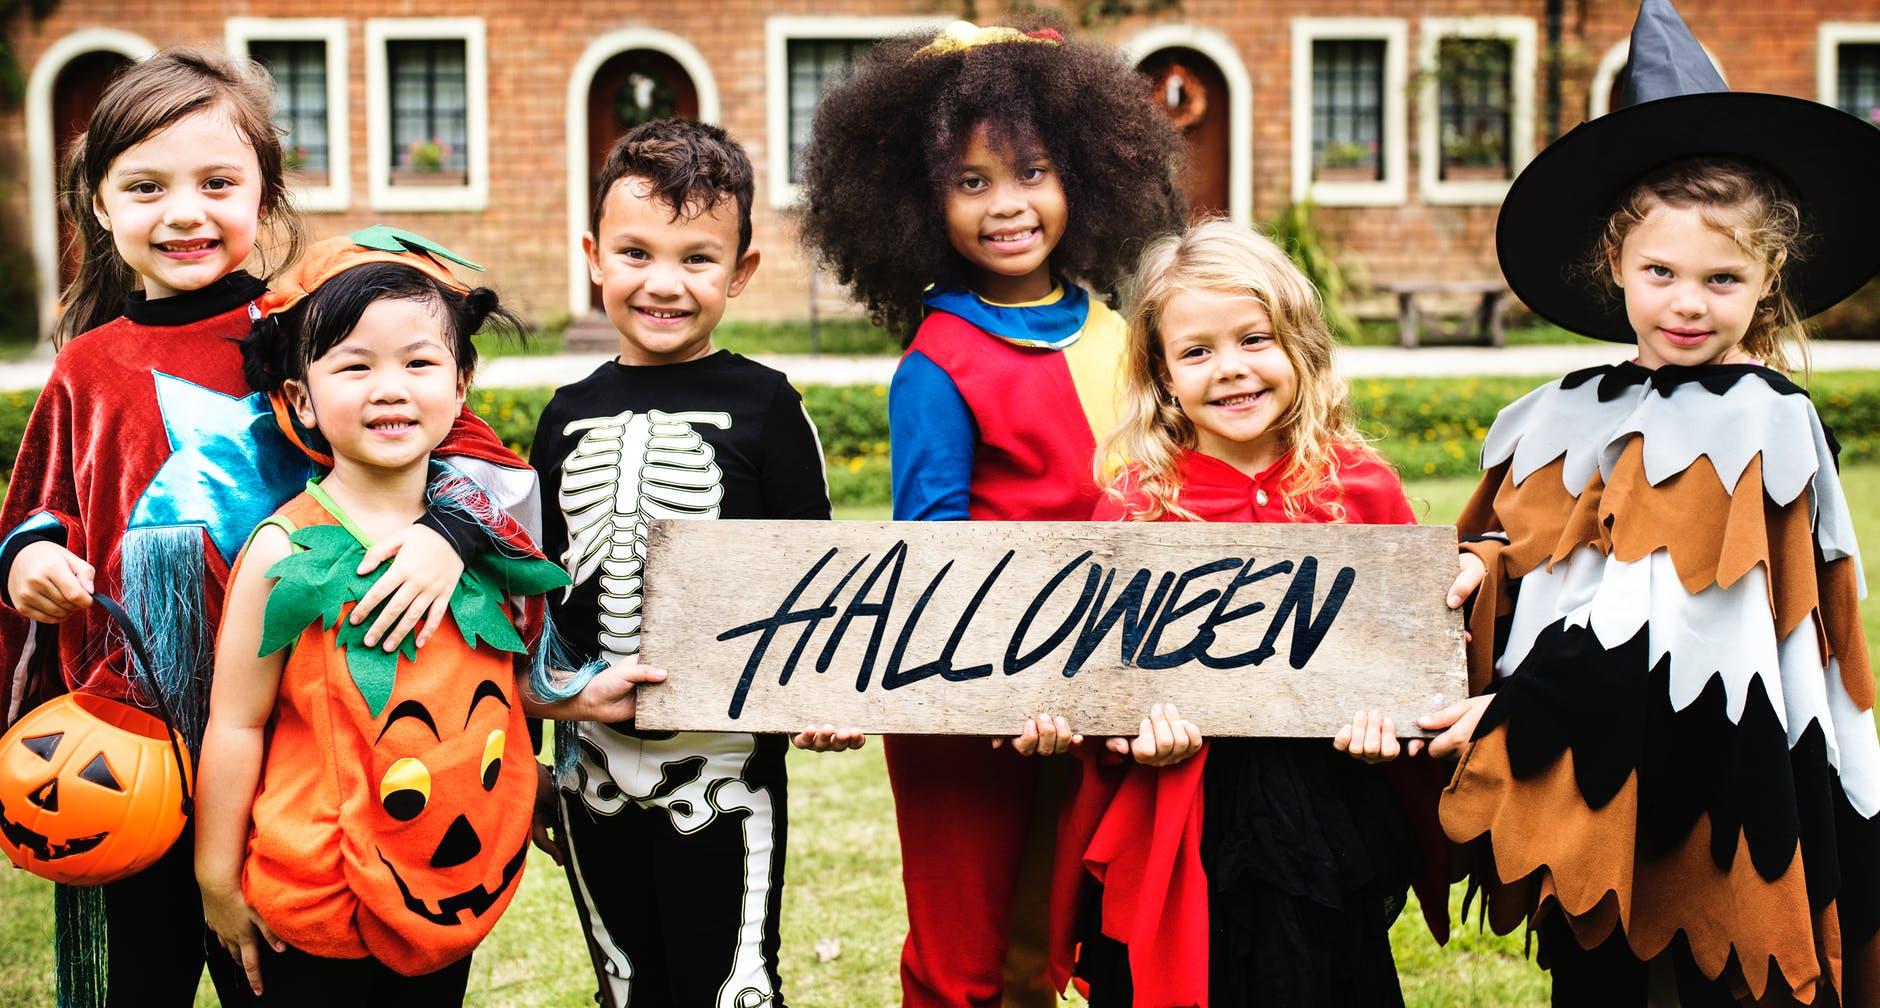 ingeniosas ideas de disfraces de halloween caseros hechos en casa, propuestas para los más pequeños